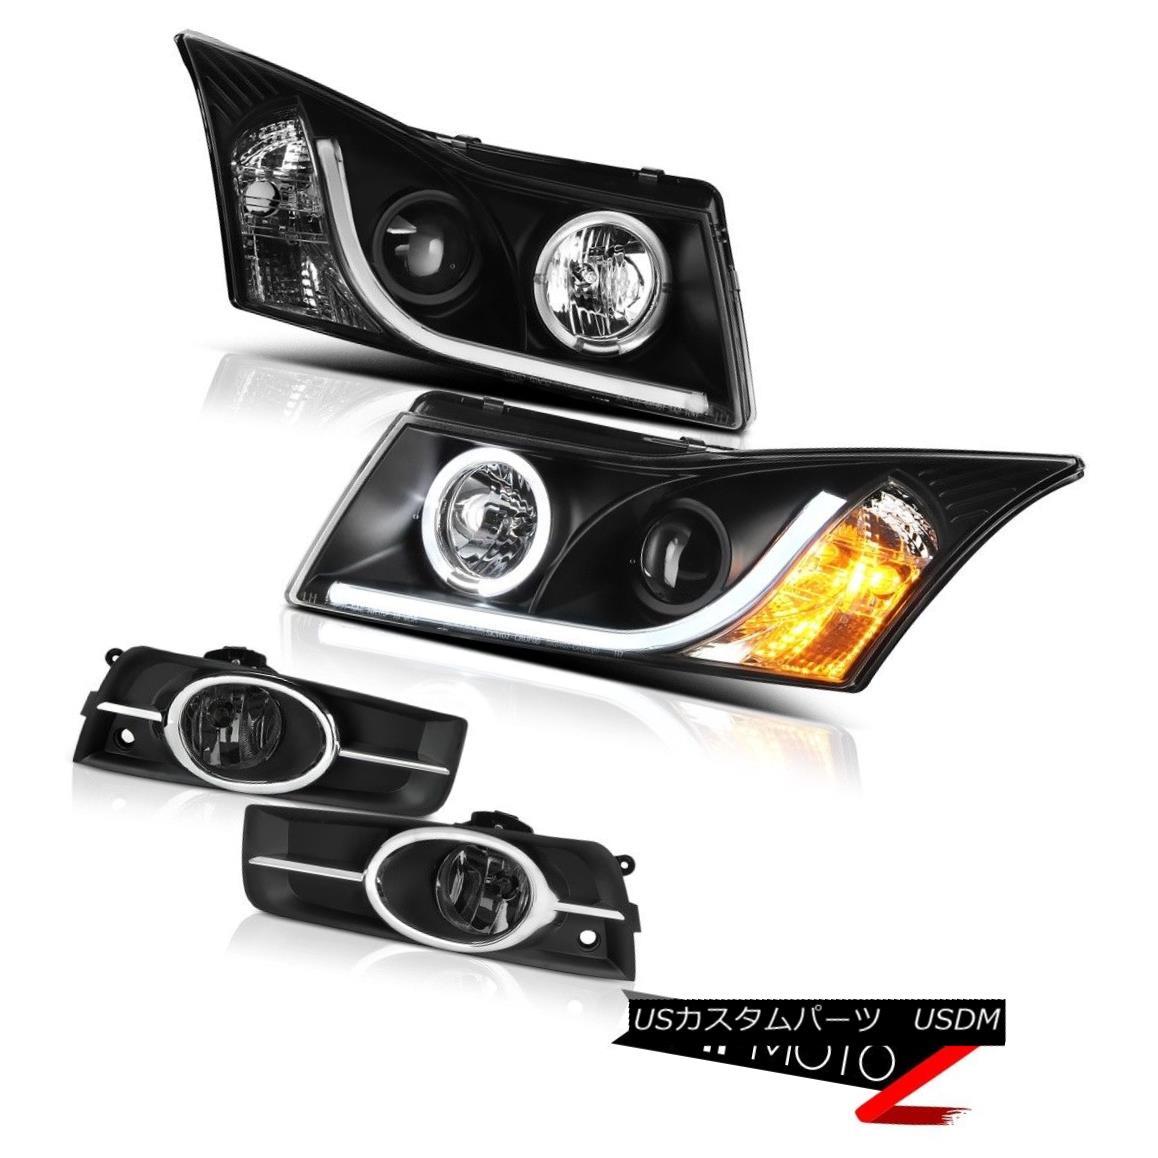 ヘッドライト 11-15 Chevy Cruze Smoked Foglamps Matte Black Headlights Cyclop Optic Light Bar 11-15シェビークルーズスモークフォグランプマットブラックヘッドライトサイクロプスオプティックライトバー